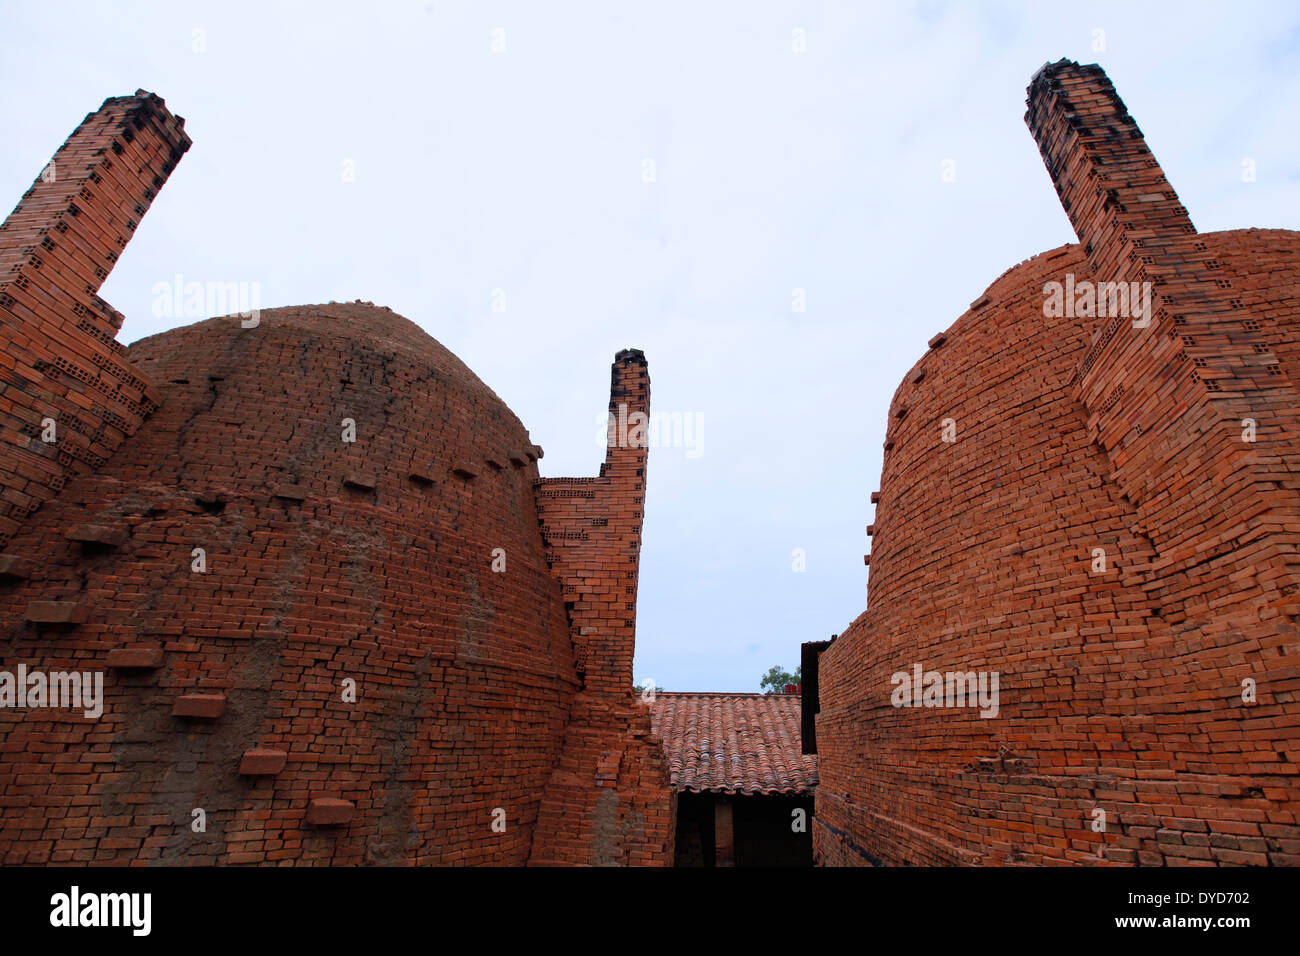 Brick kiln in Sa Dec, Vietnam - Stock Image